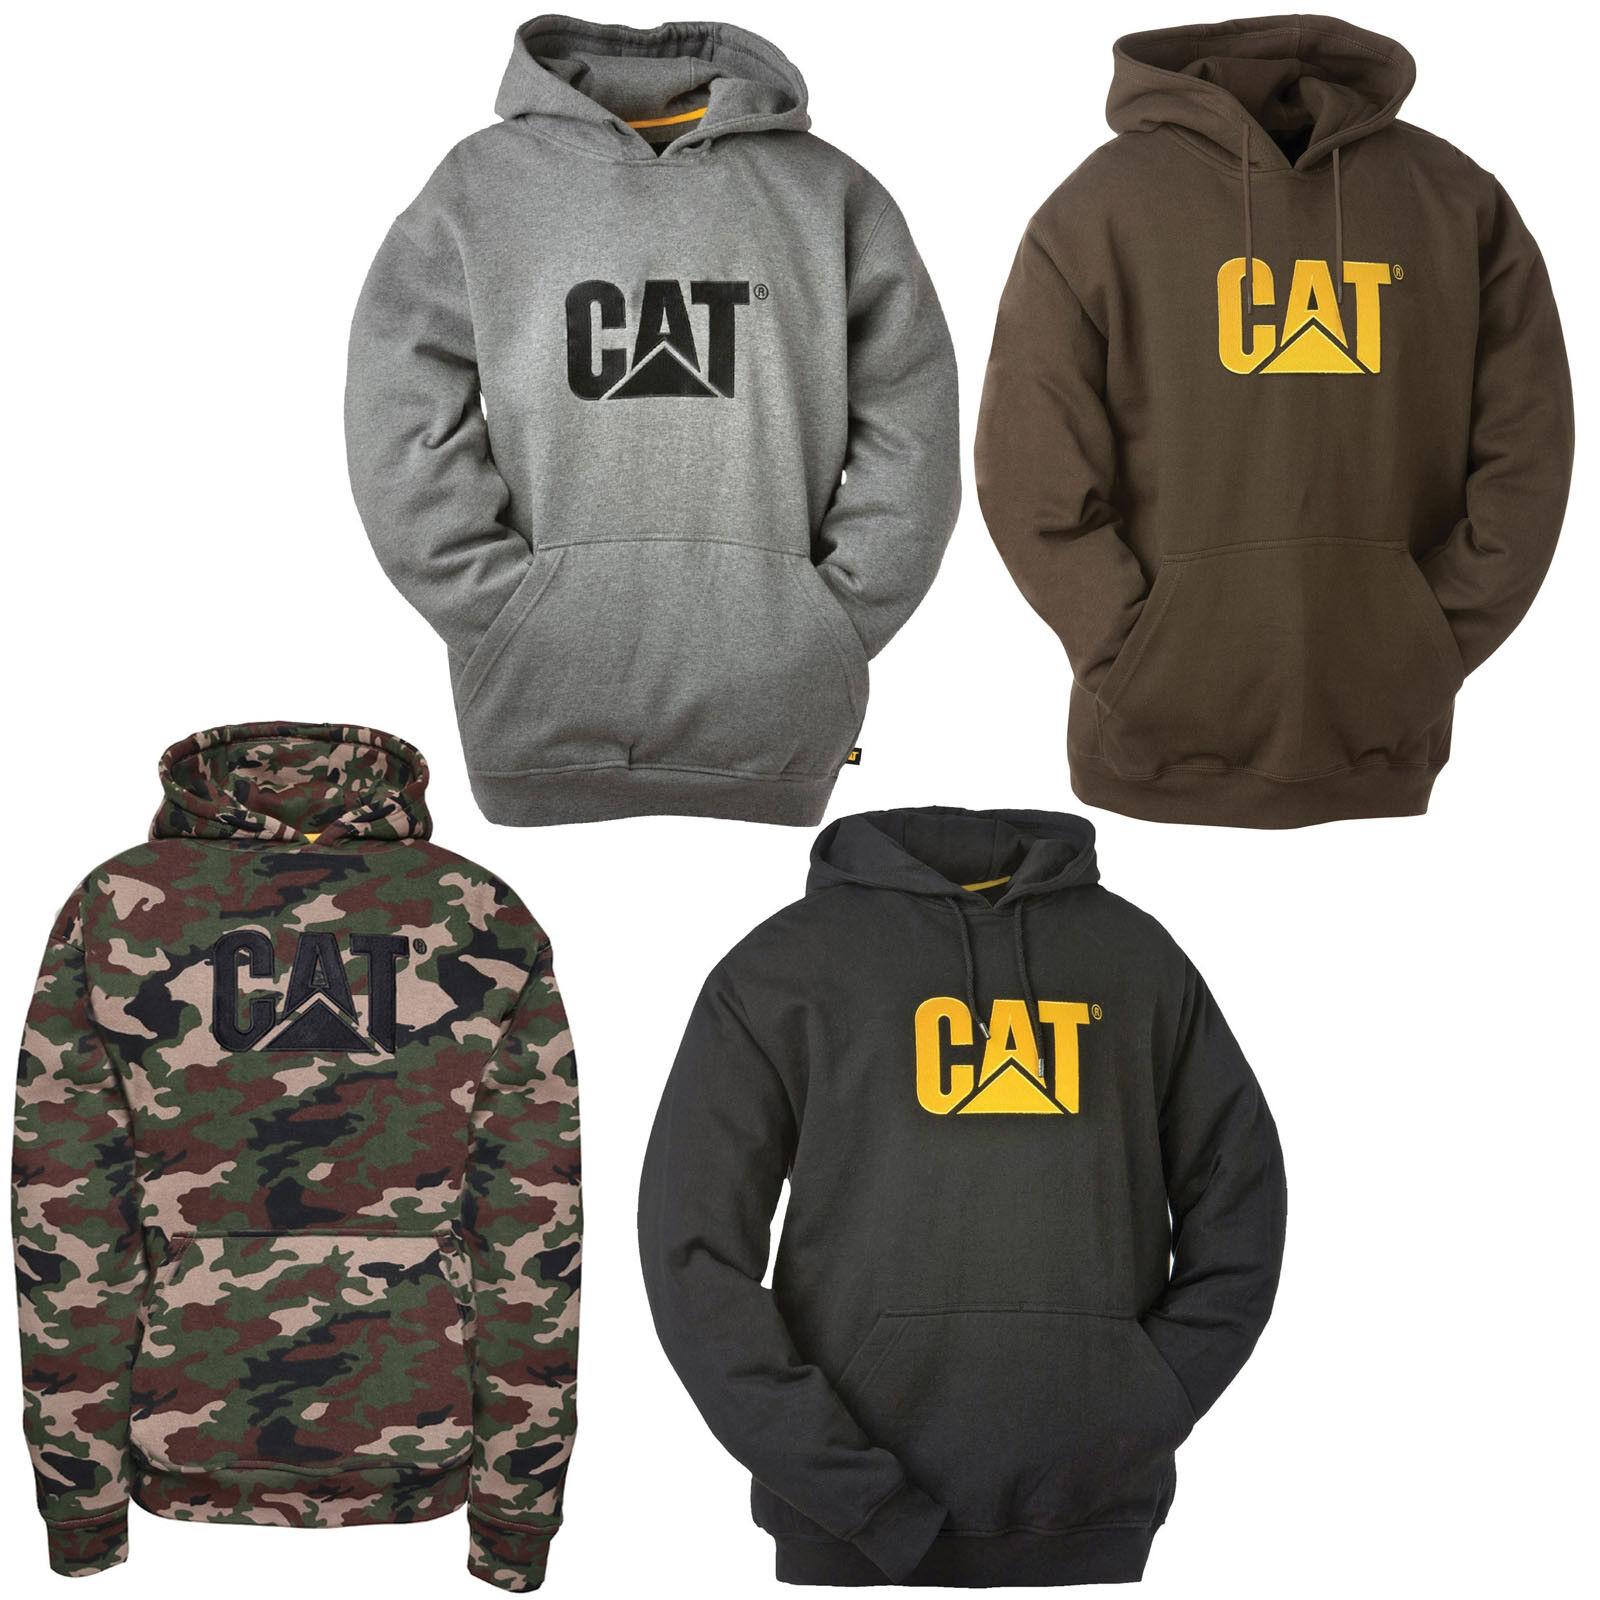 Cat Caterpillar Warenzeichen Pullover Hoodie Herren Langlebig Works